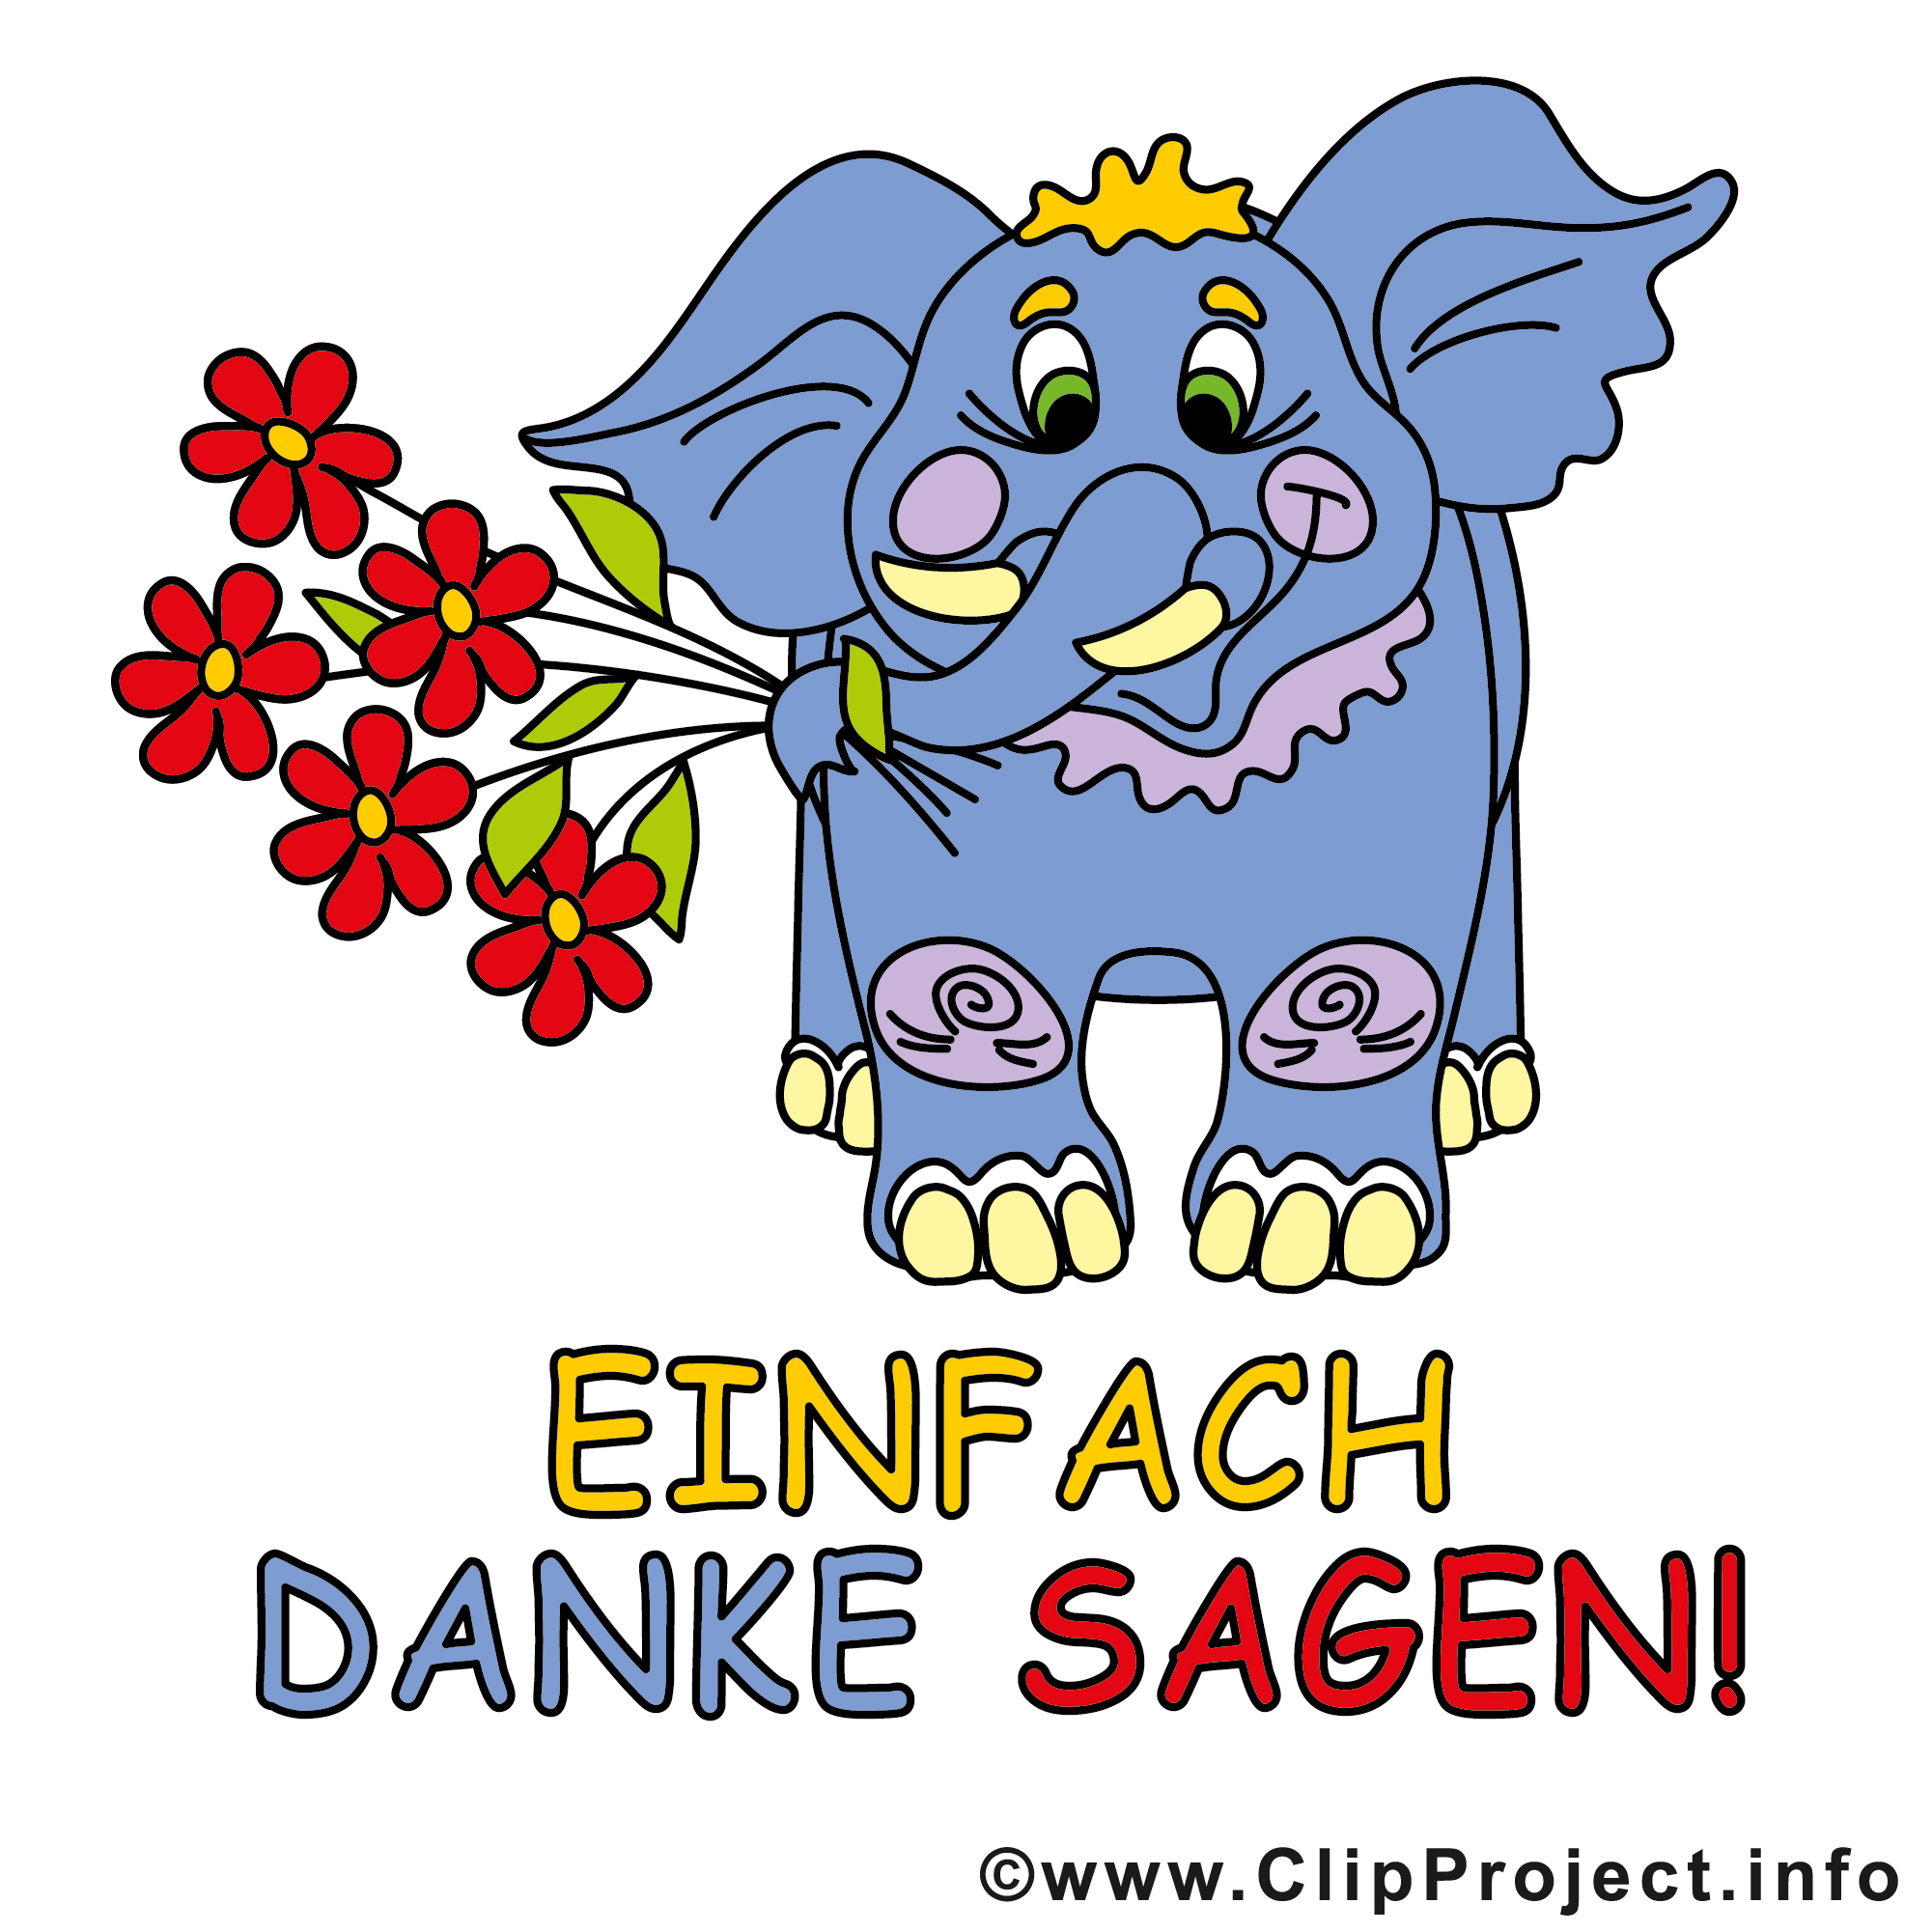 Clipart Danke Sagen.